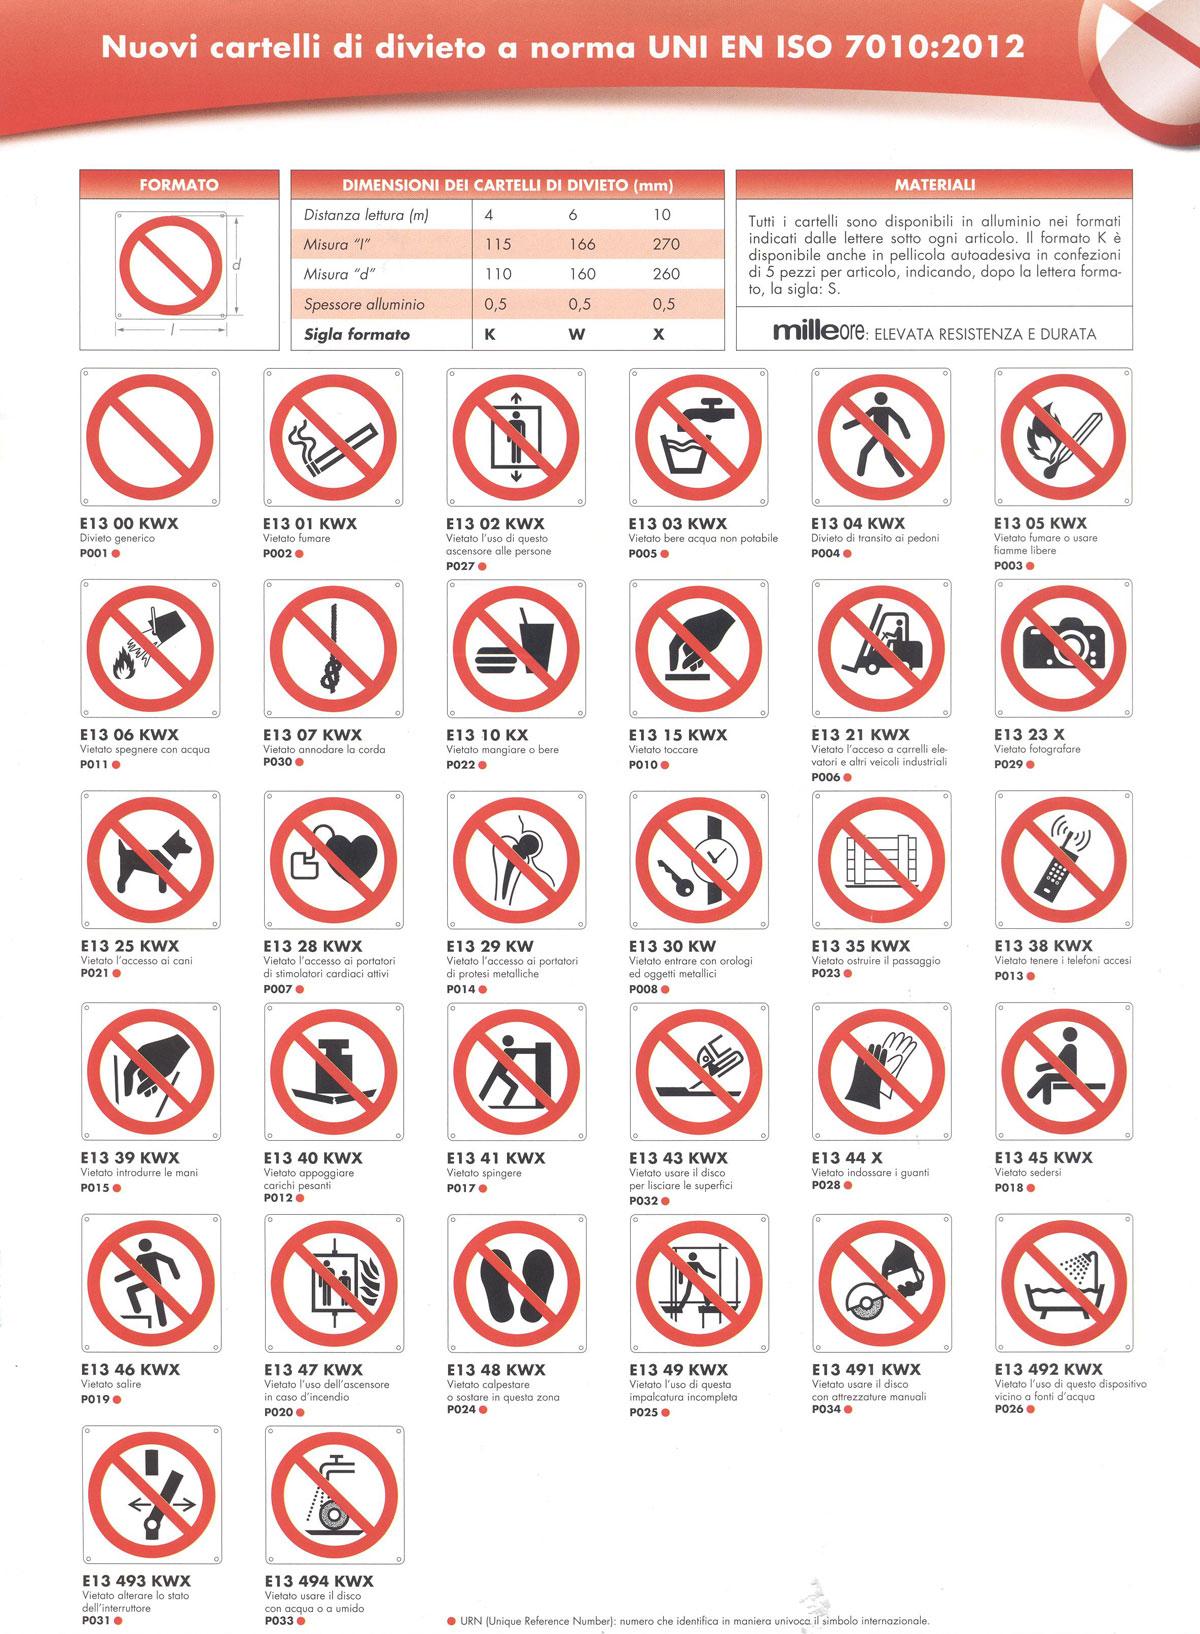 nuovi cartelli di divieto a noma UNI EN ISO 7010:2012